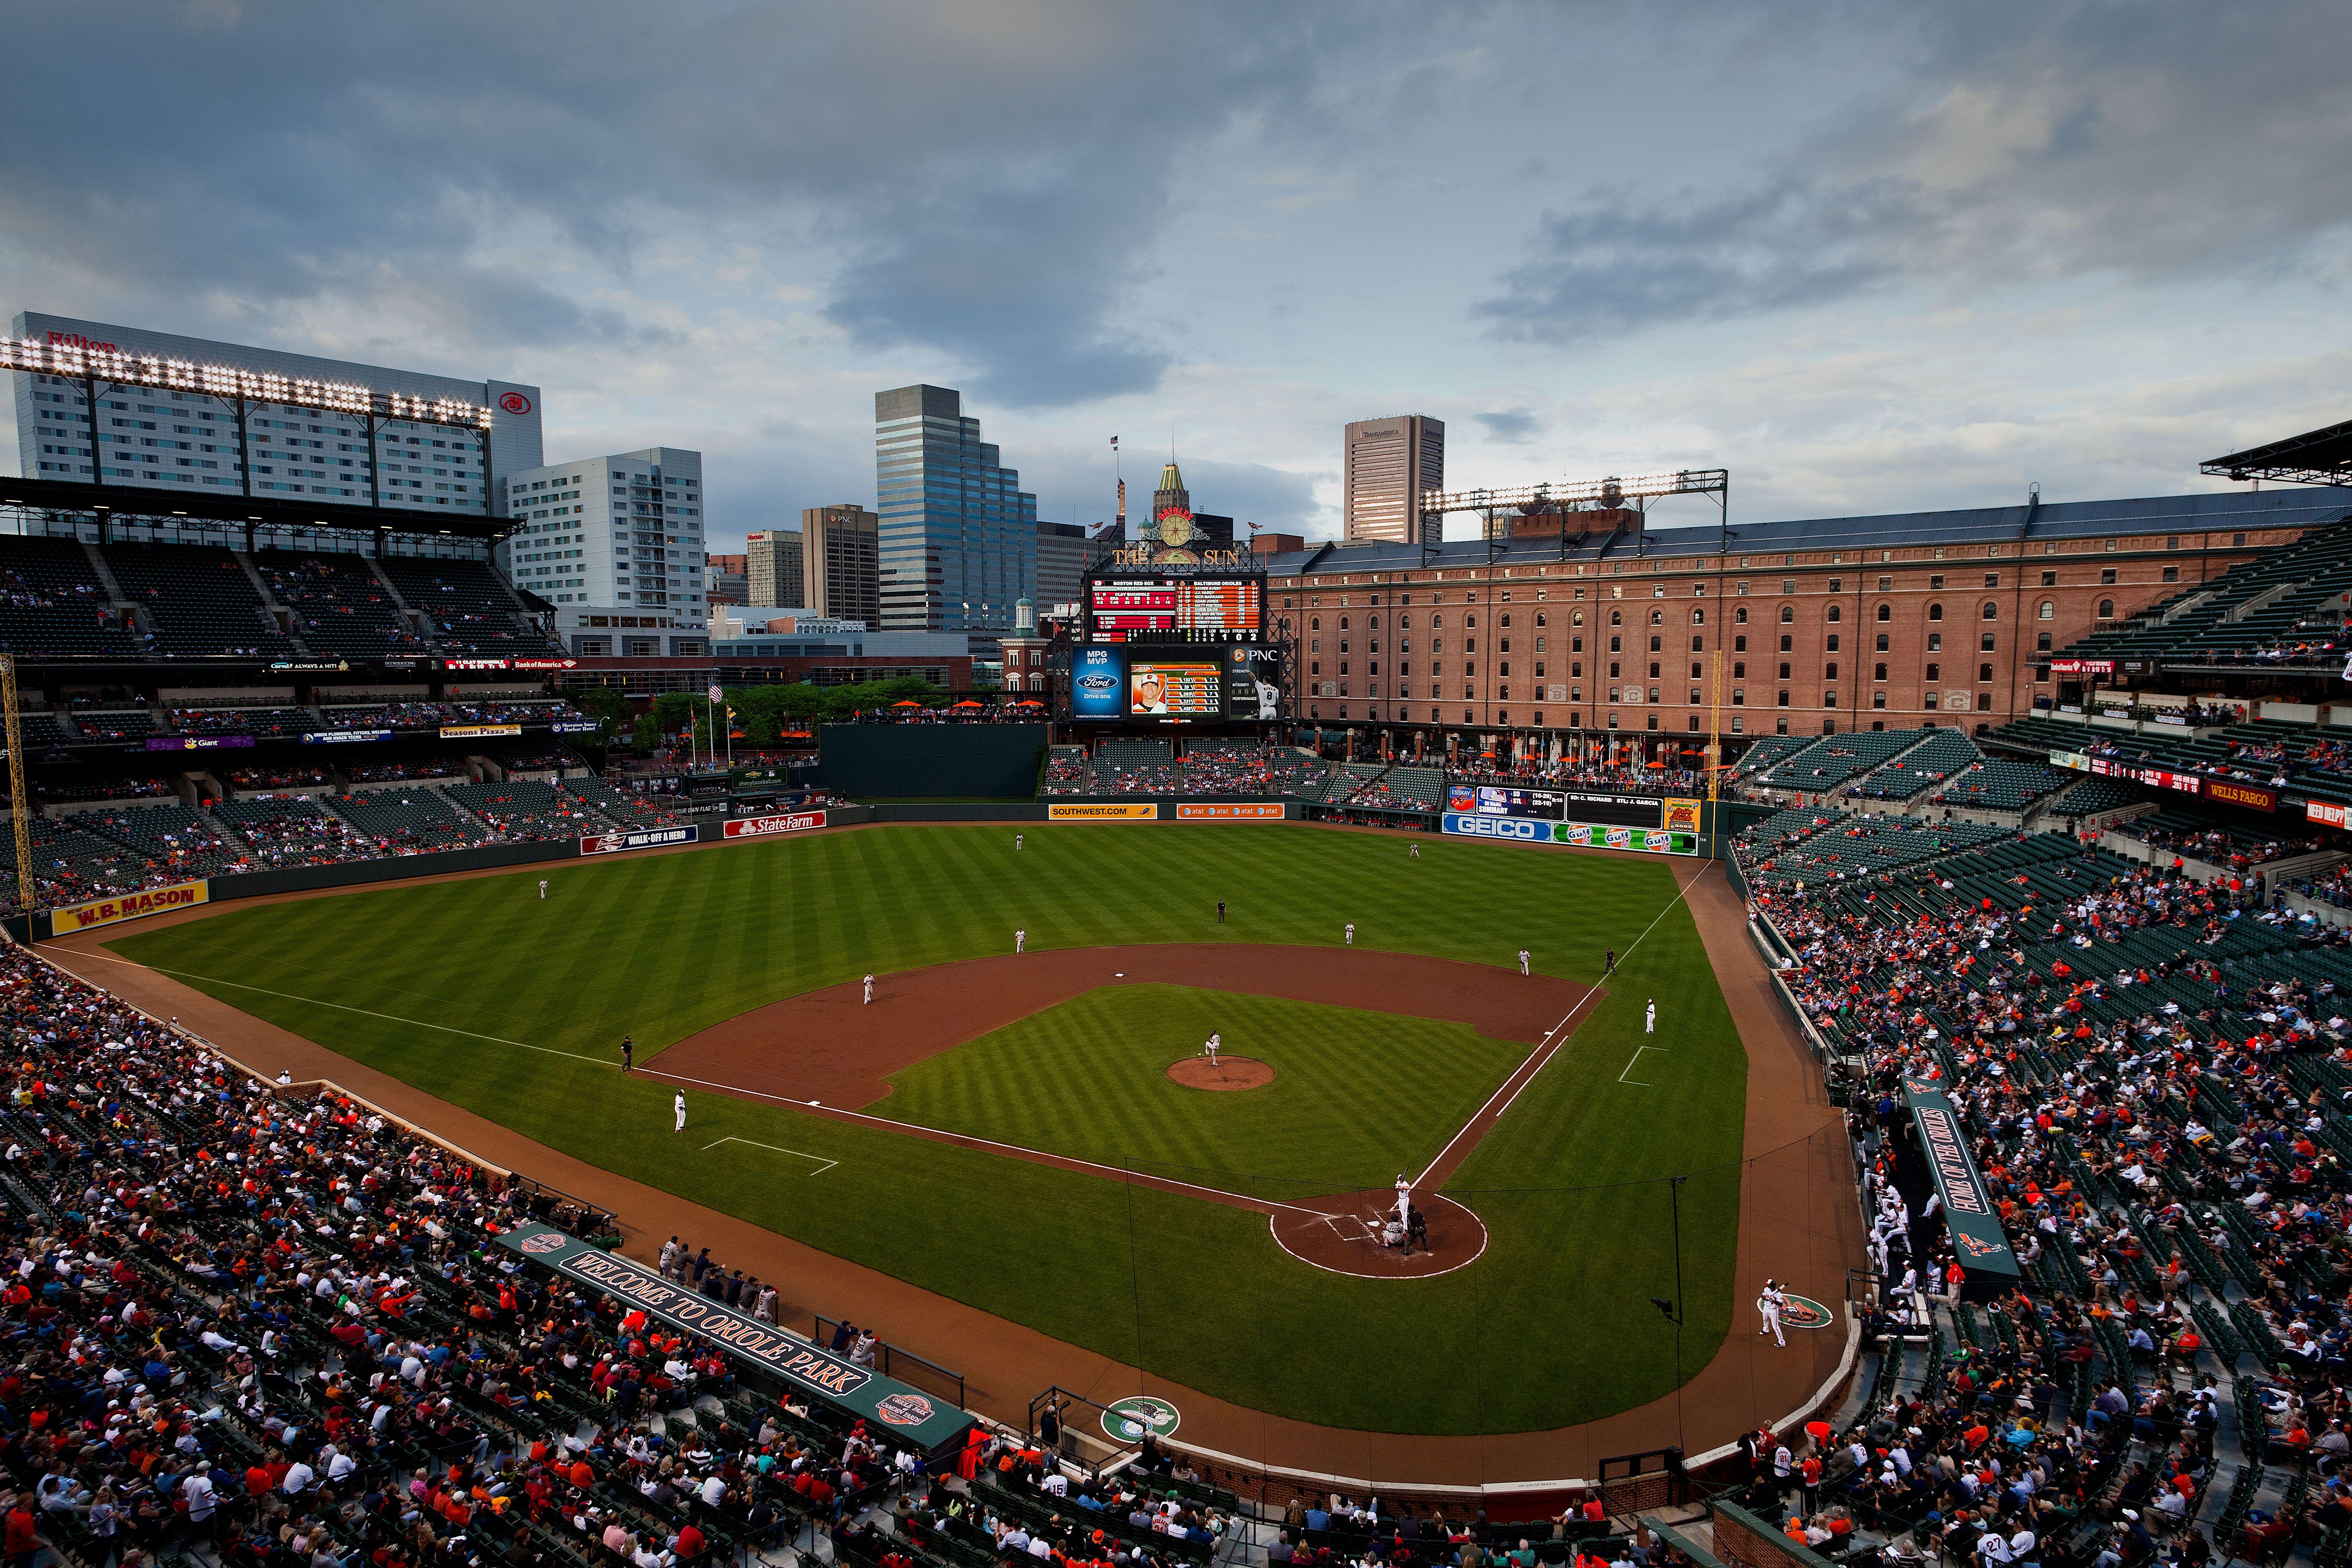 Camden Yards Baltimore Orioles Orioles Baseball Major League Baseball Stadiums Baseball Stadium